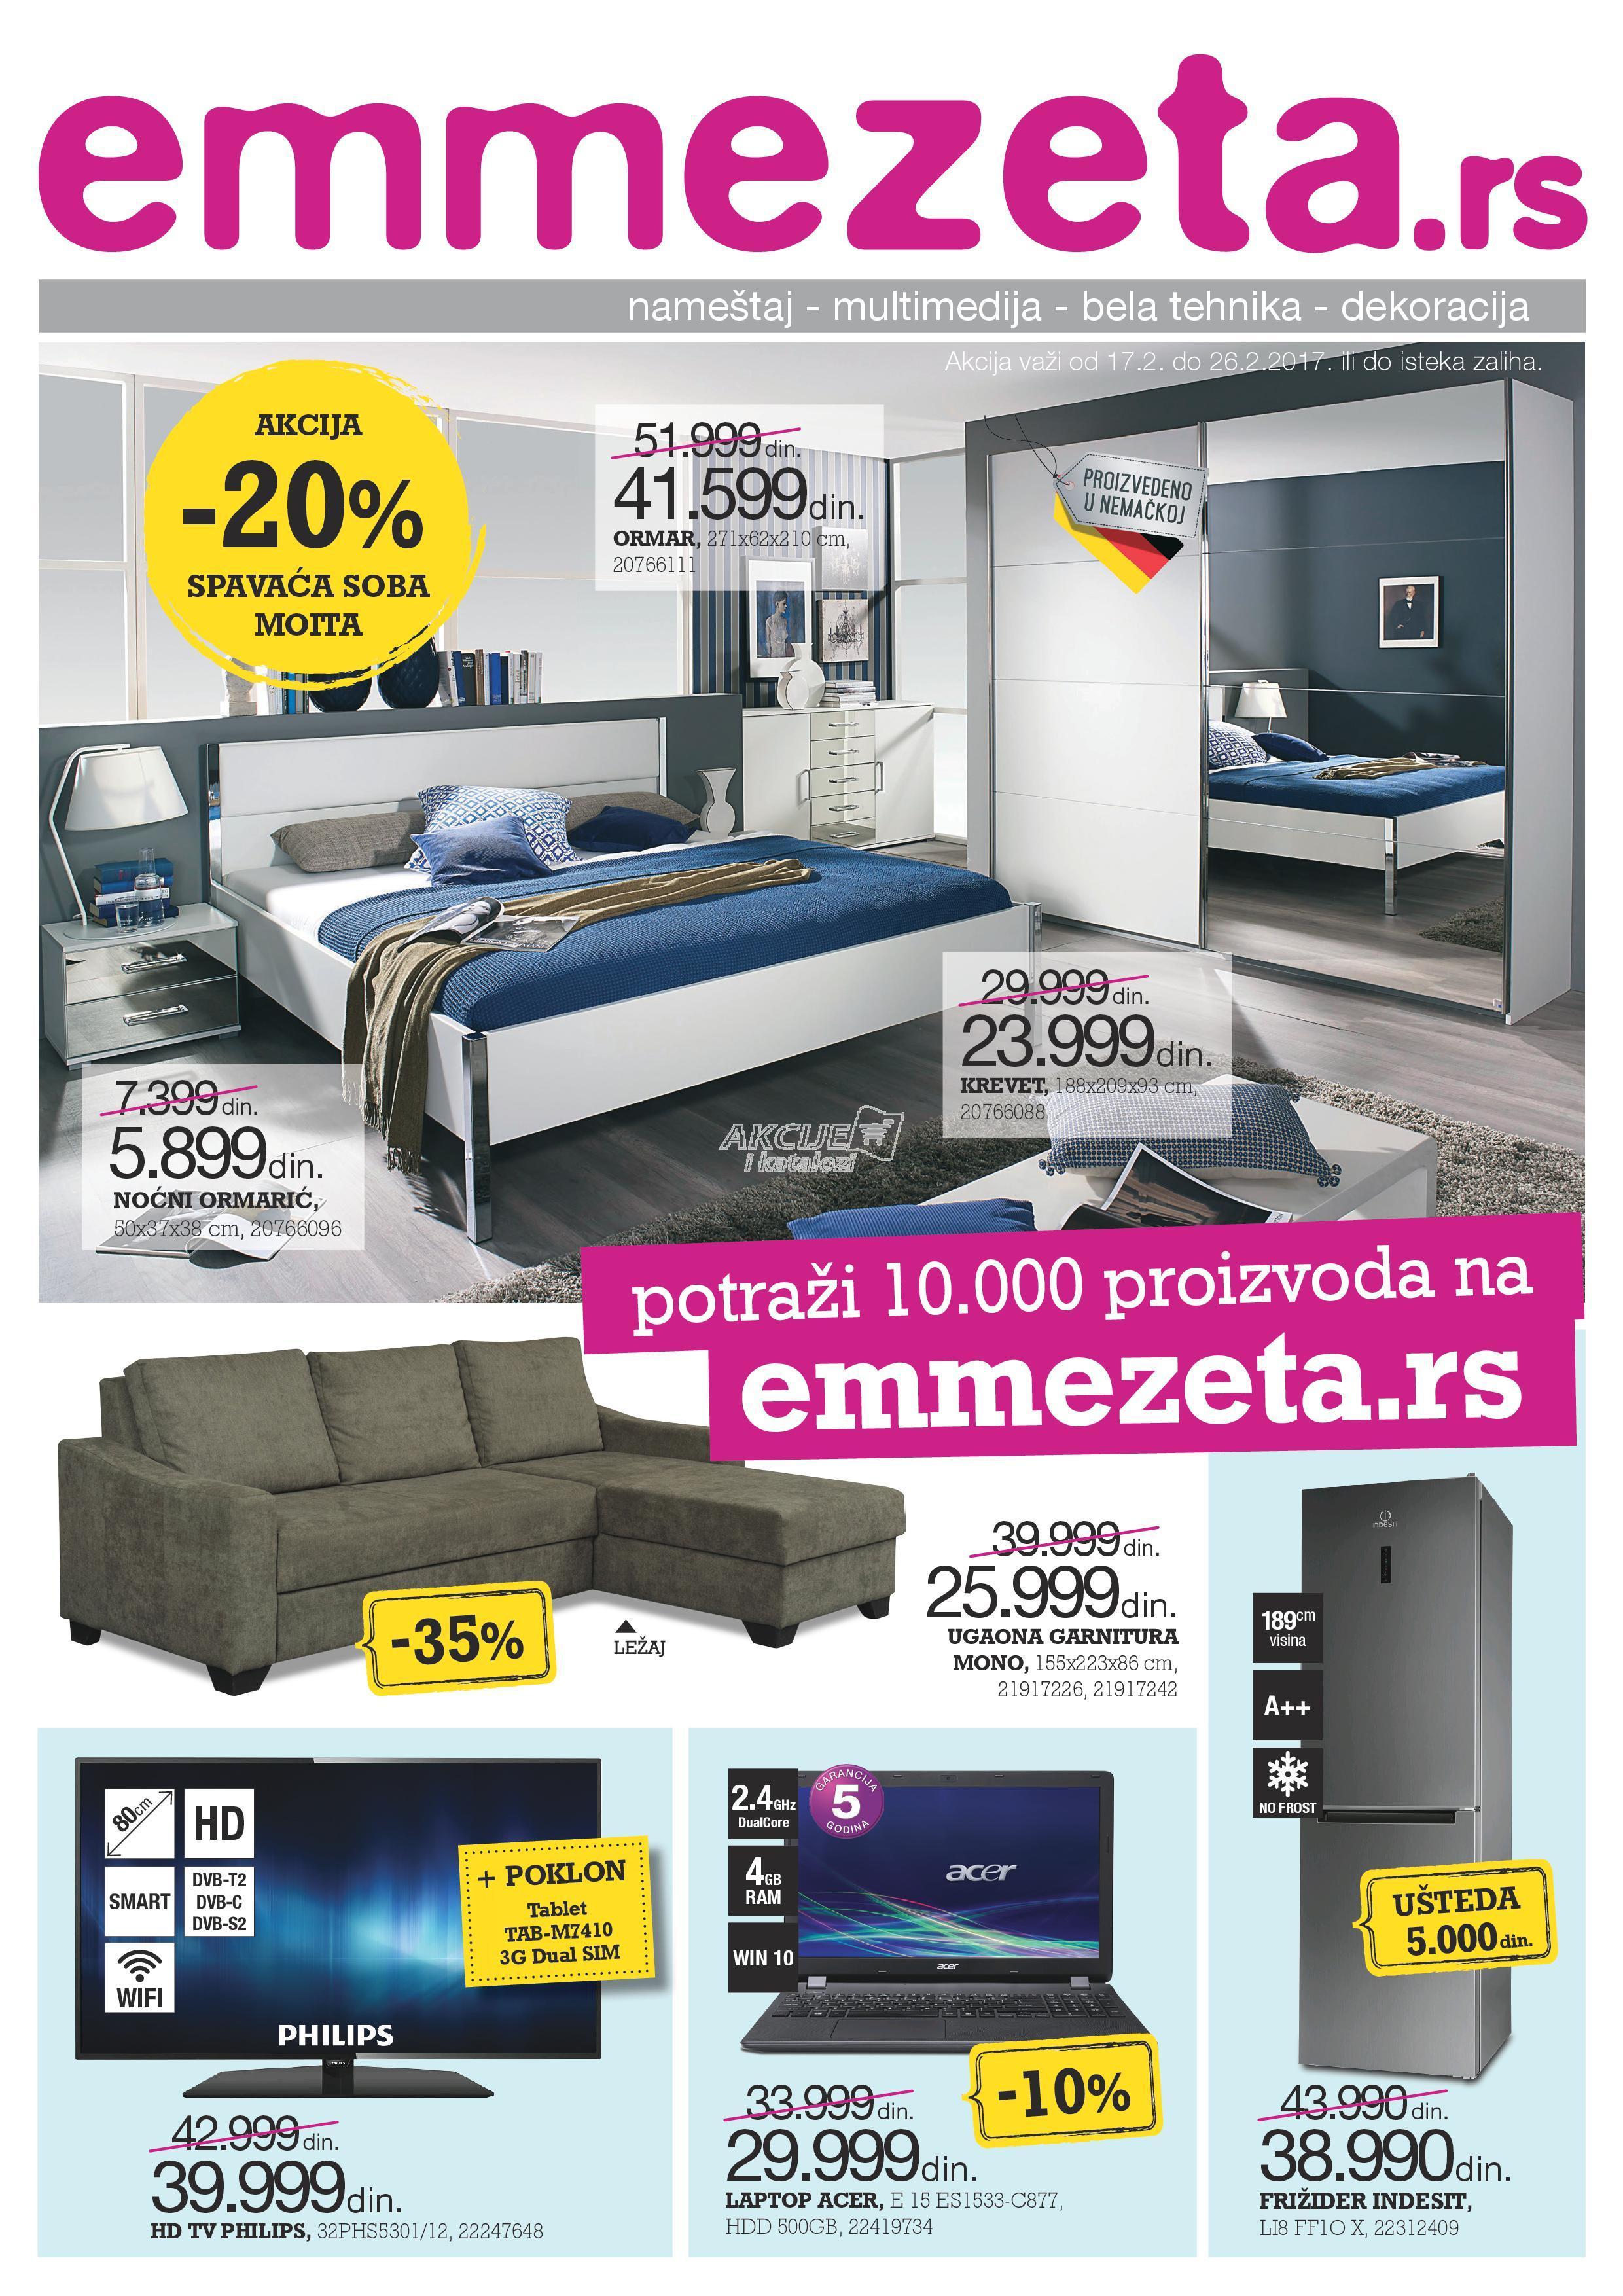 Emmezeta - Redovna akcija super kupovine